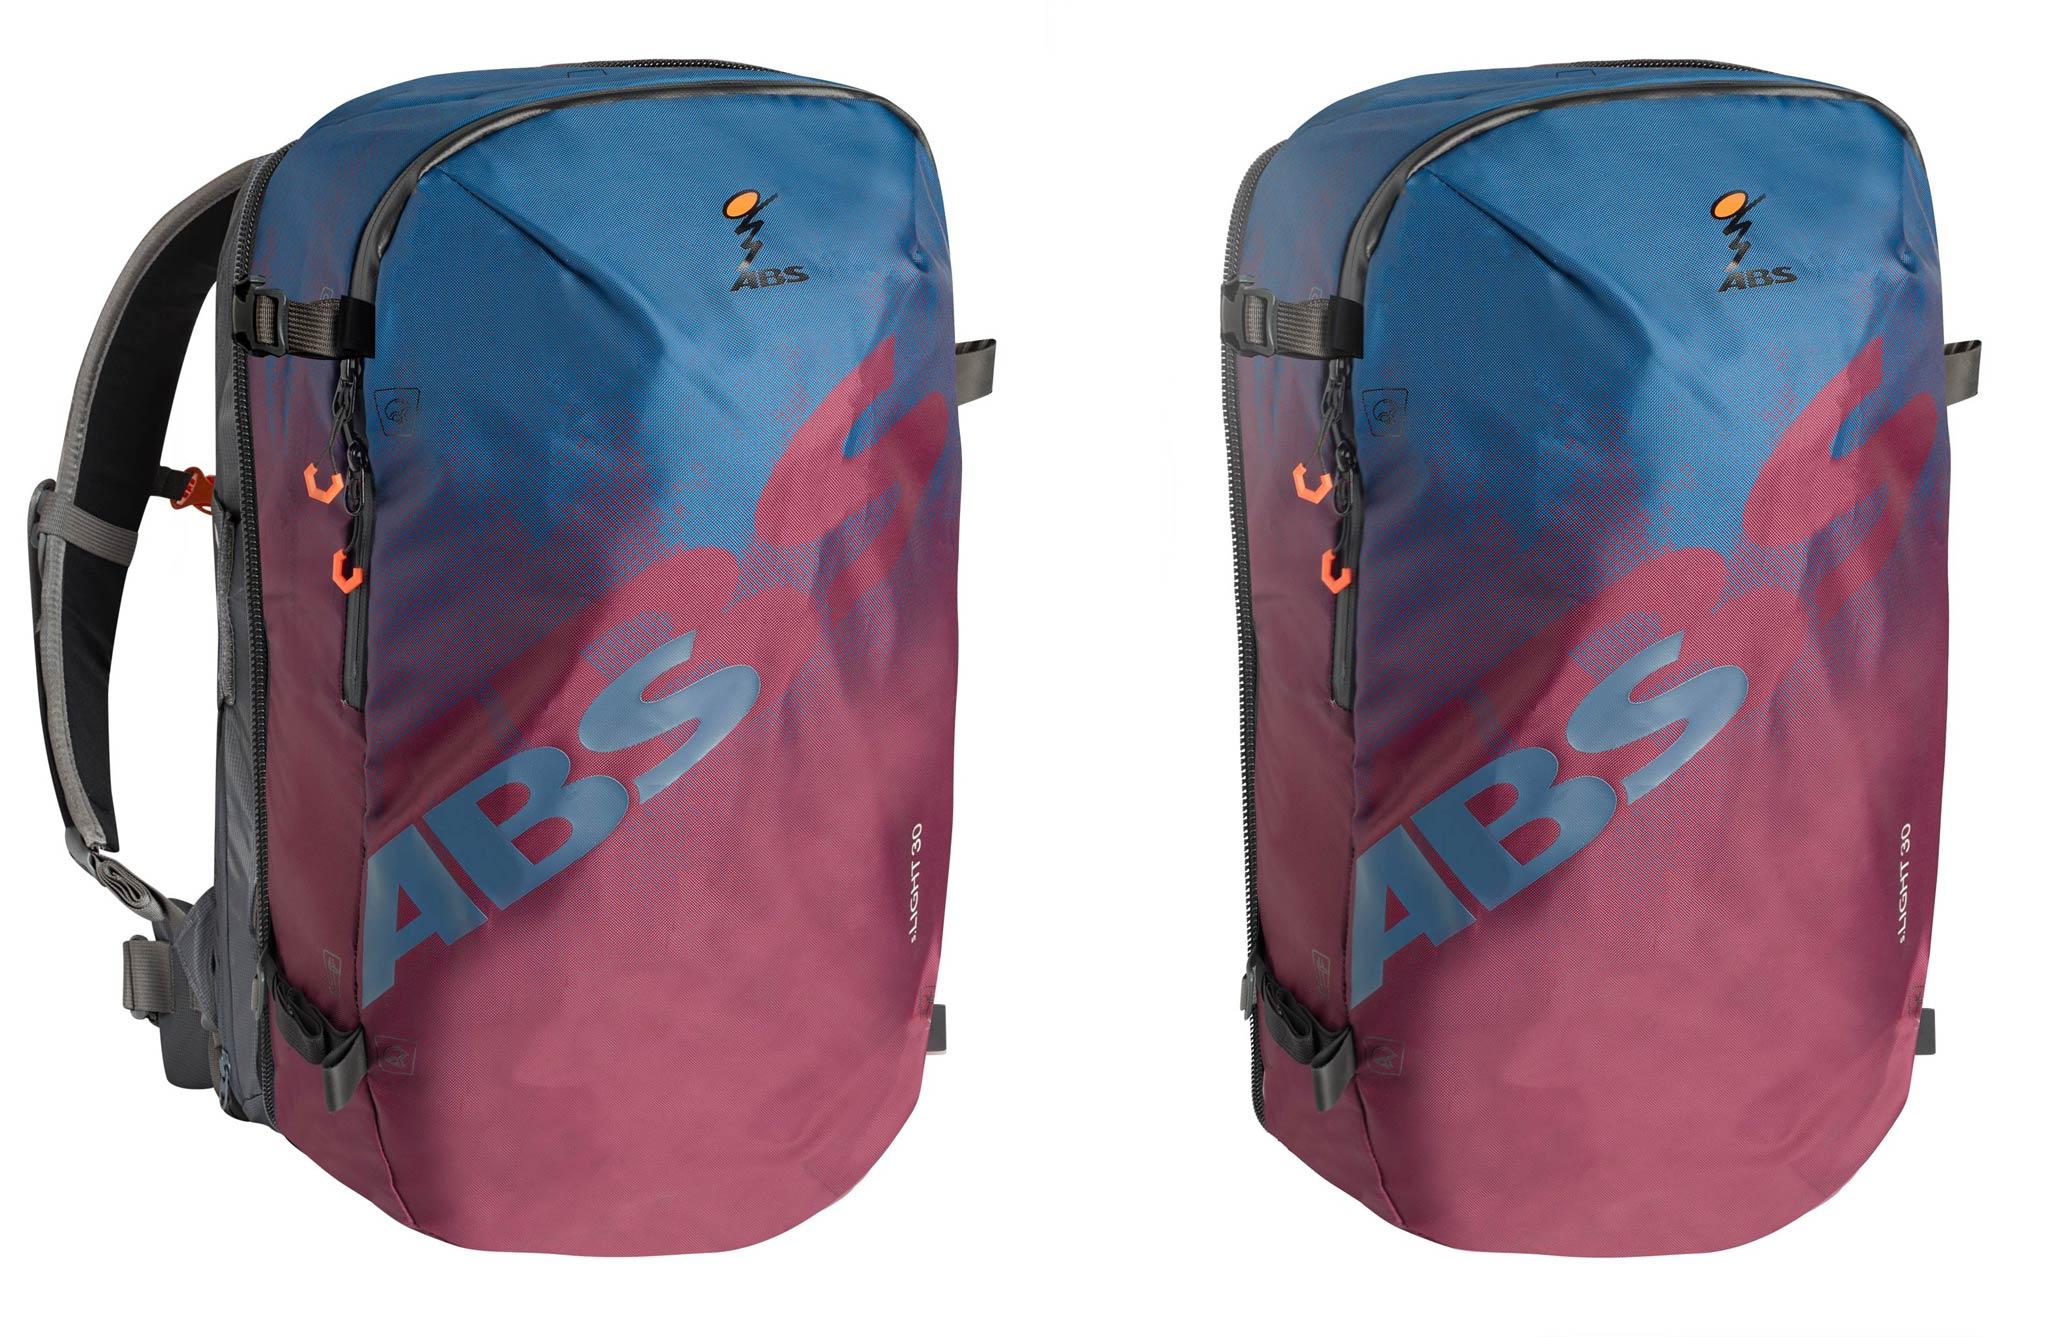 Der neue ABS Zip On DAWN: Links die Version mit und rechts die Version ohne Base (30L)